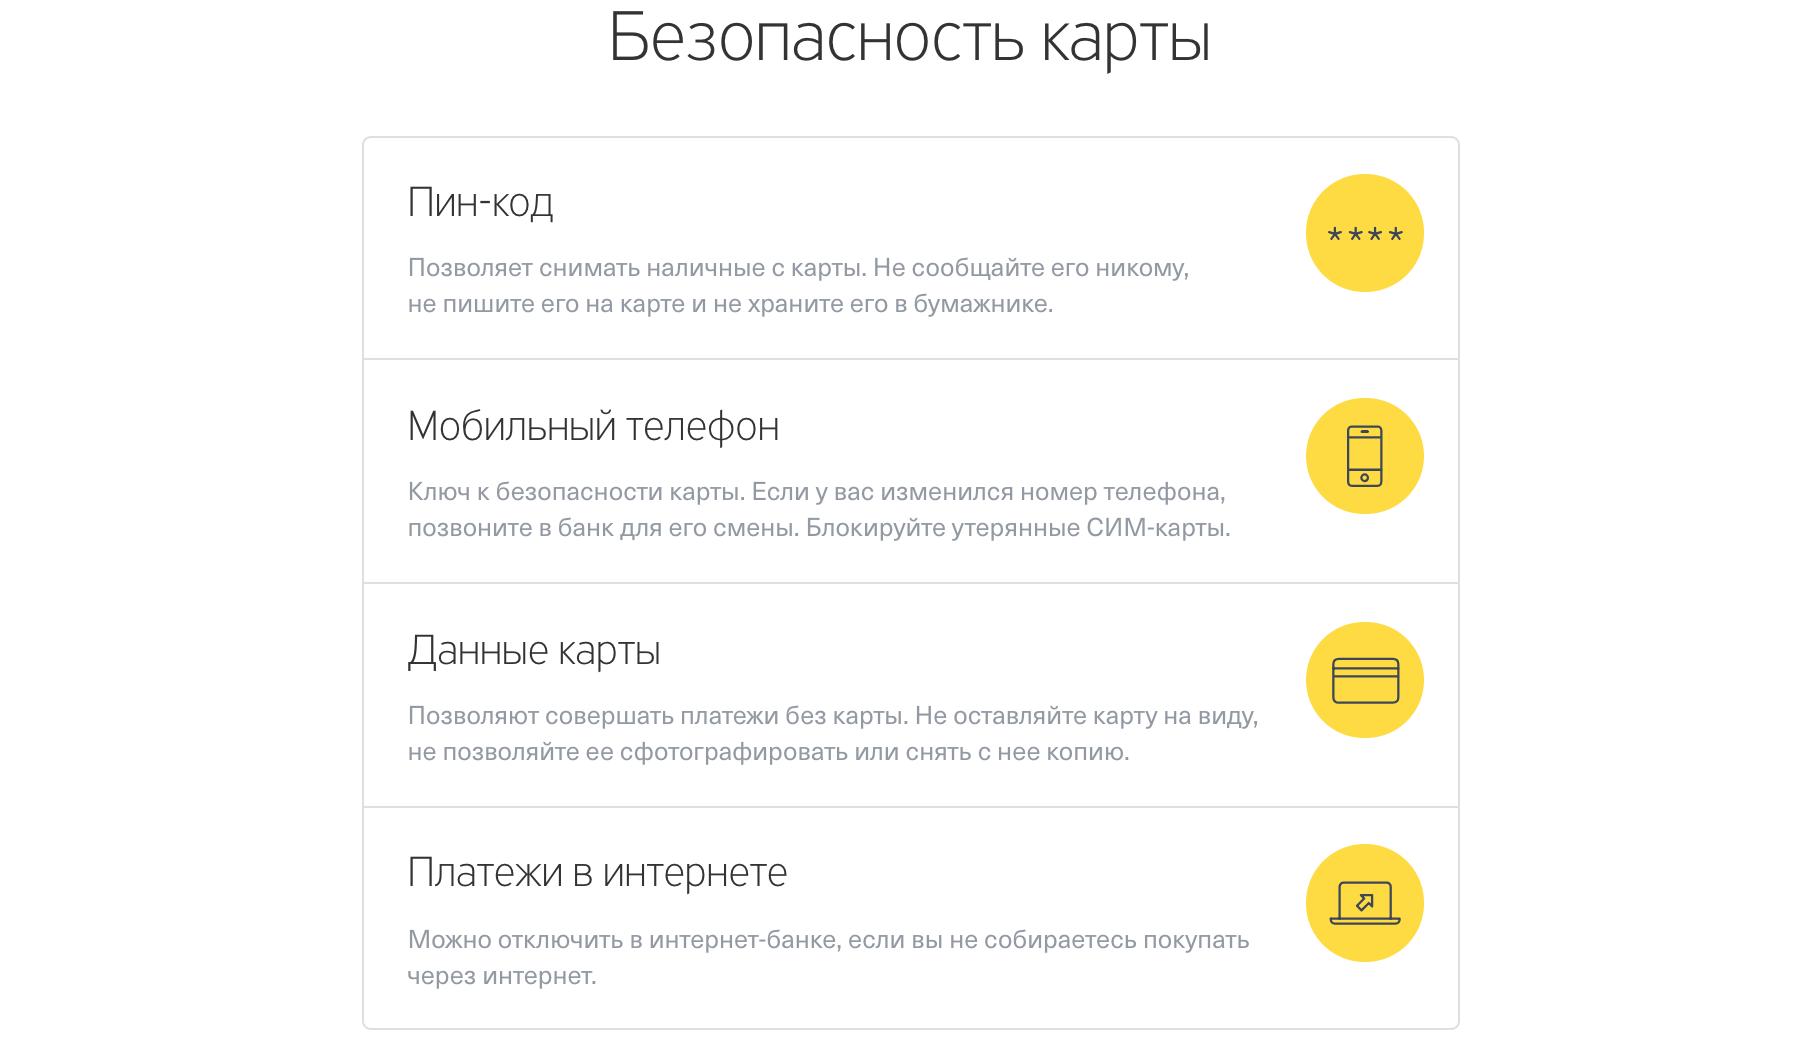 тинькофф банк отзывы клиентов о кредитах наличными 2020 форум